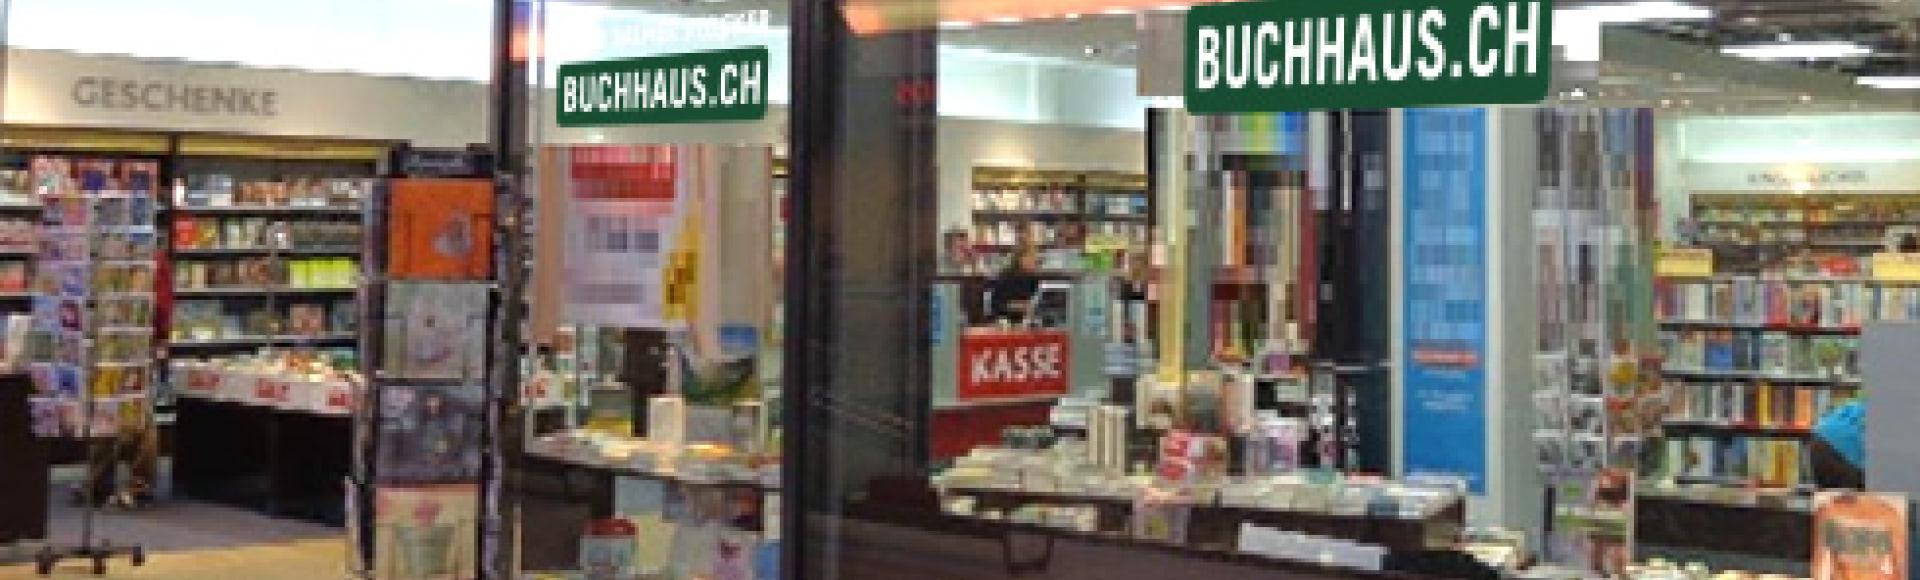 Bücherbestellung - Buchhaus